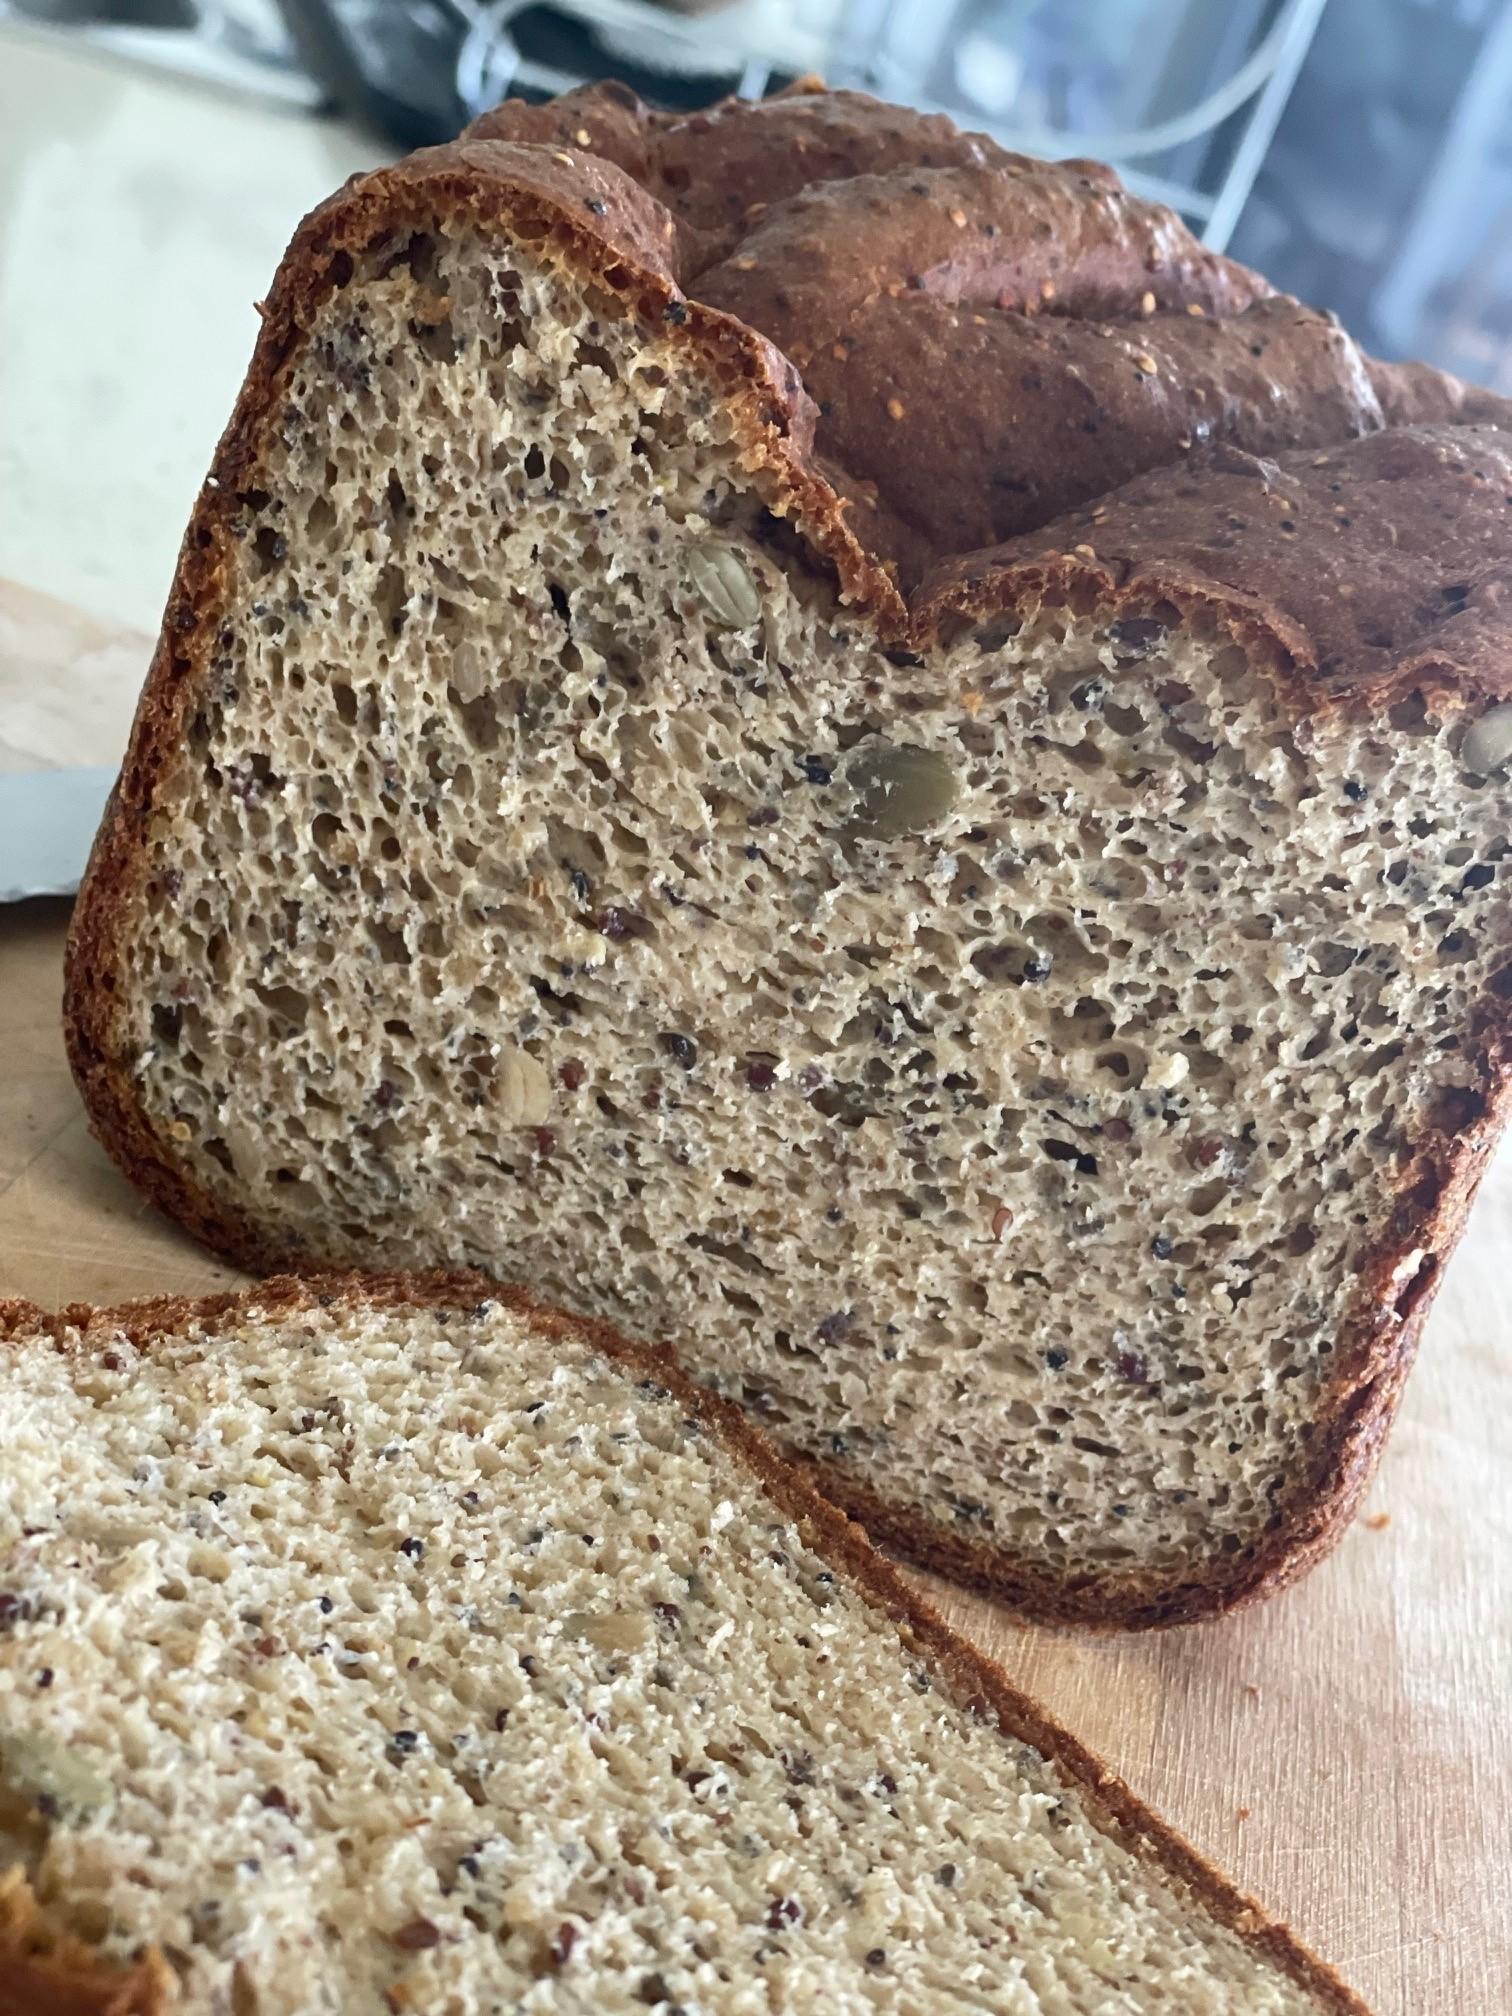 gluten free bread - Wholegrain Gluten Free Homemade Bread Loaf